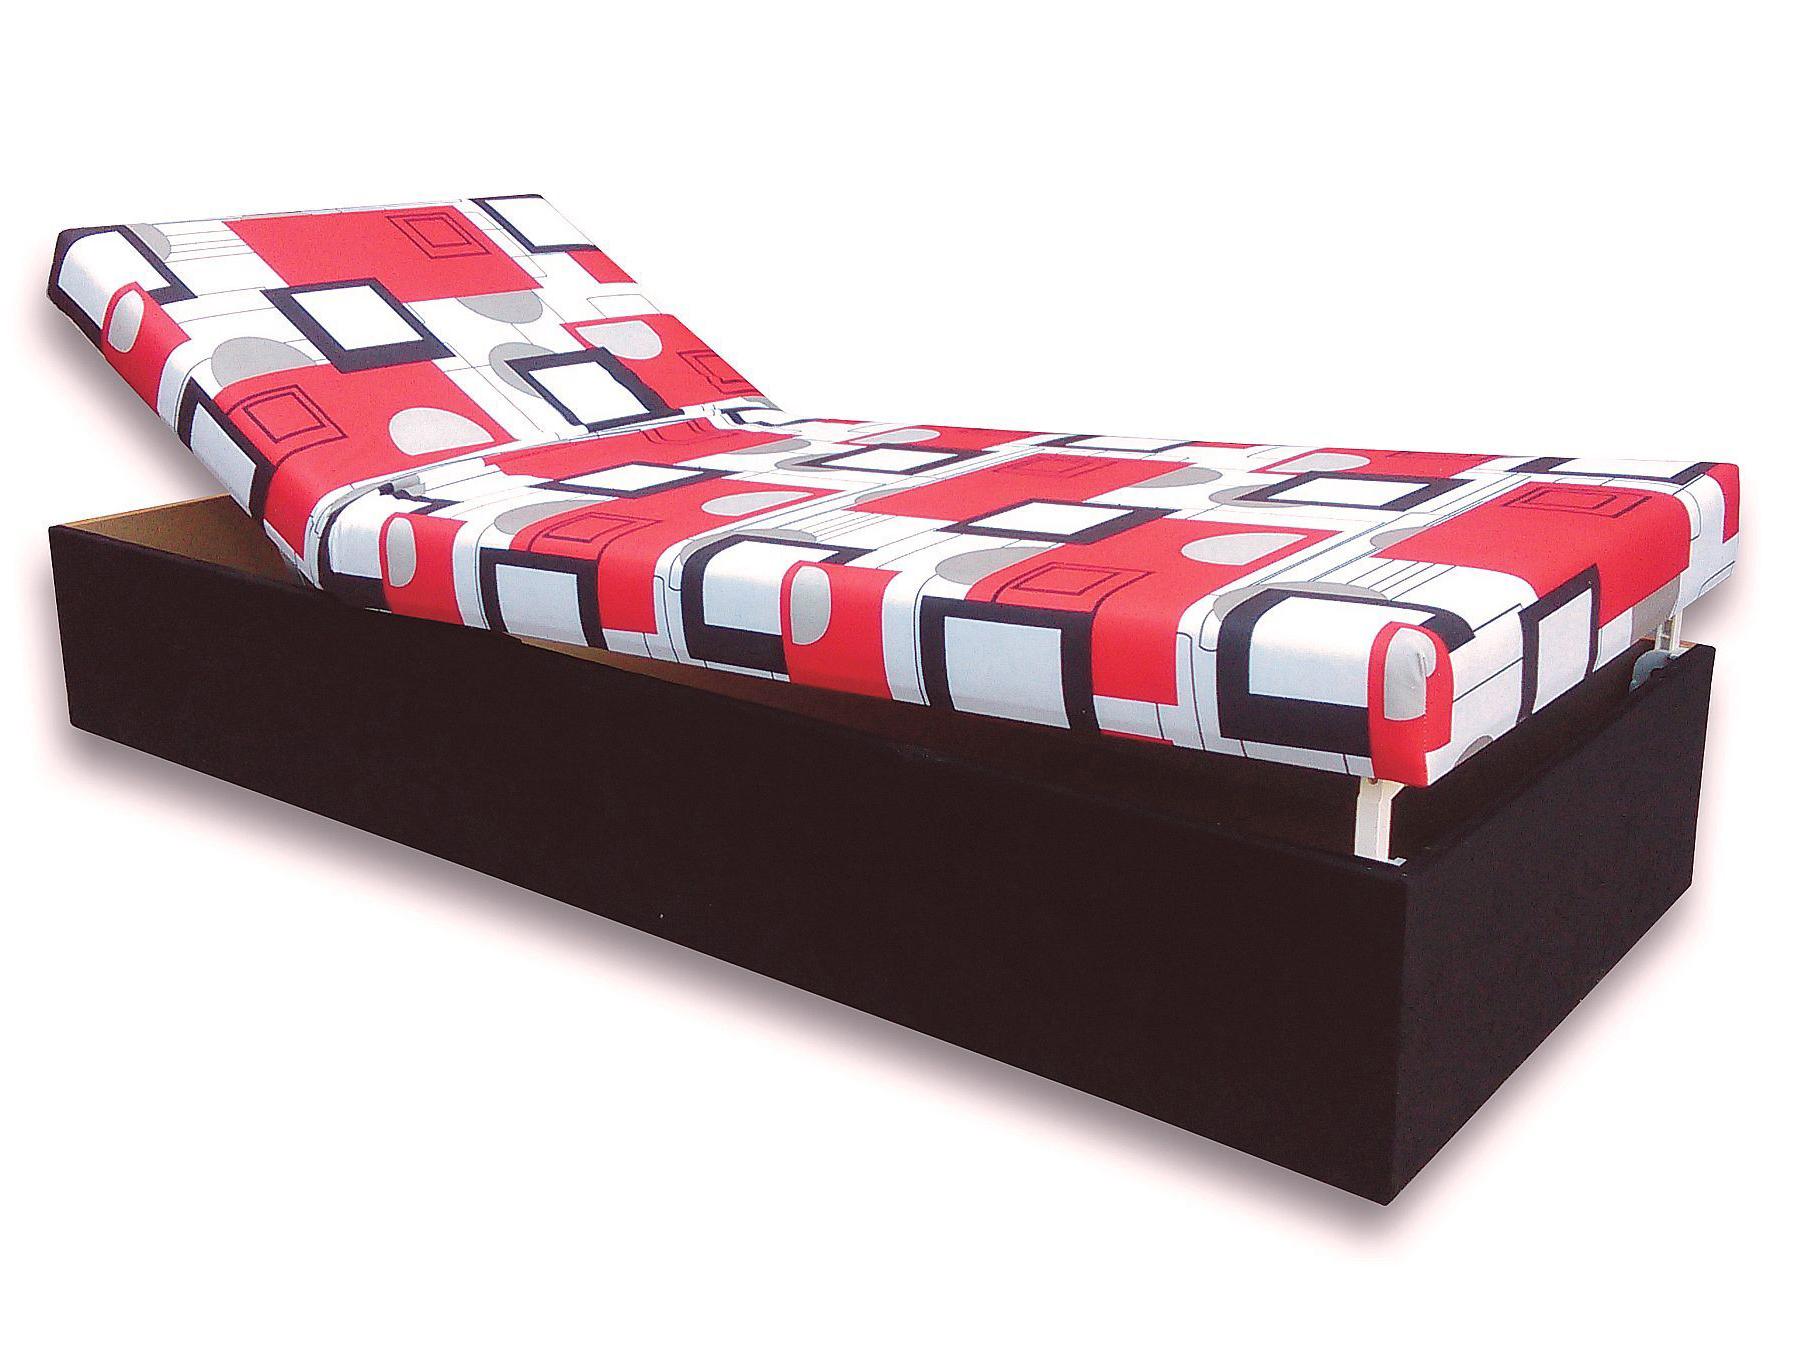 fe04a5a7f6c90 Jednolôžková posteľ (váľanda) 80 cm Darina (Čierna 39 + Otawa 1 ...